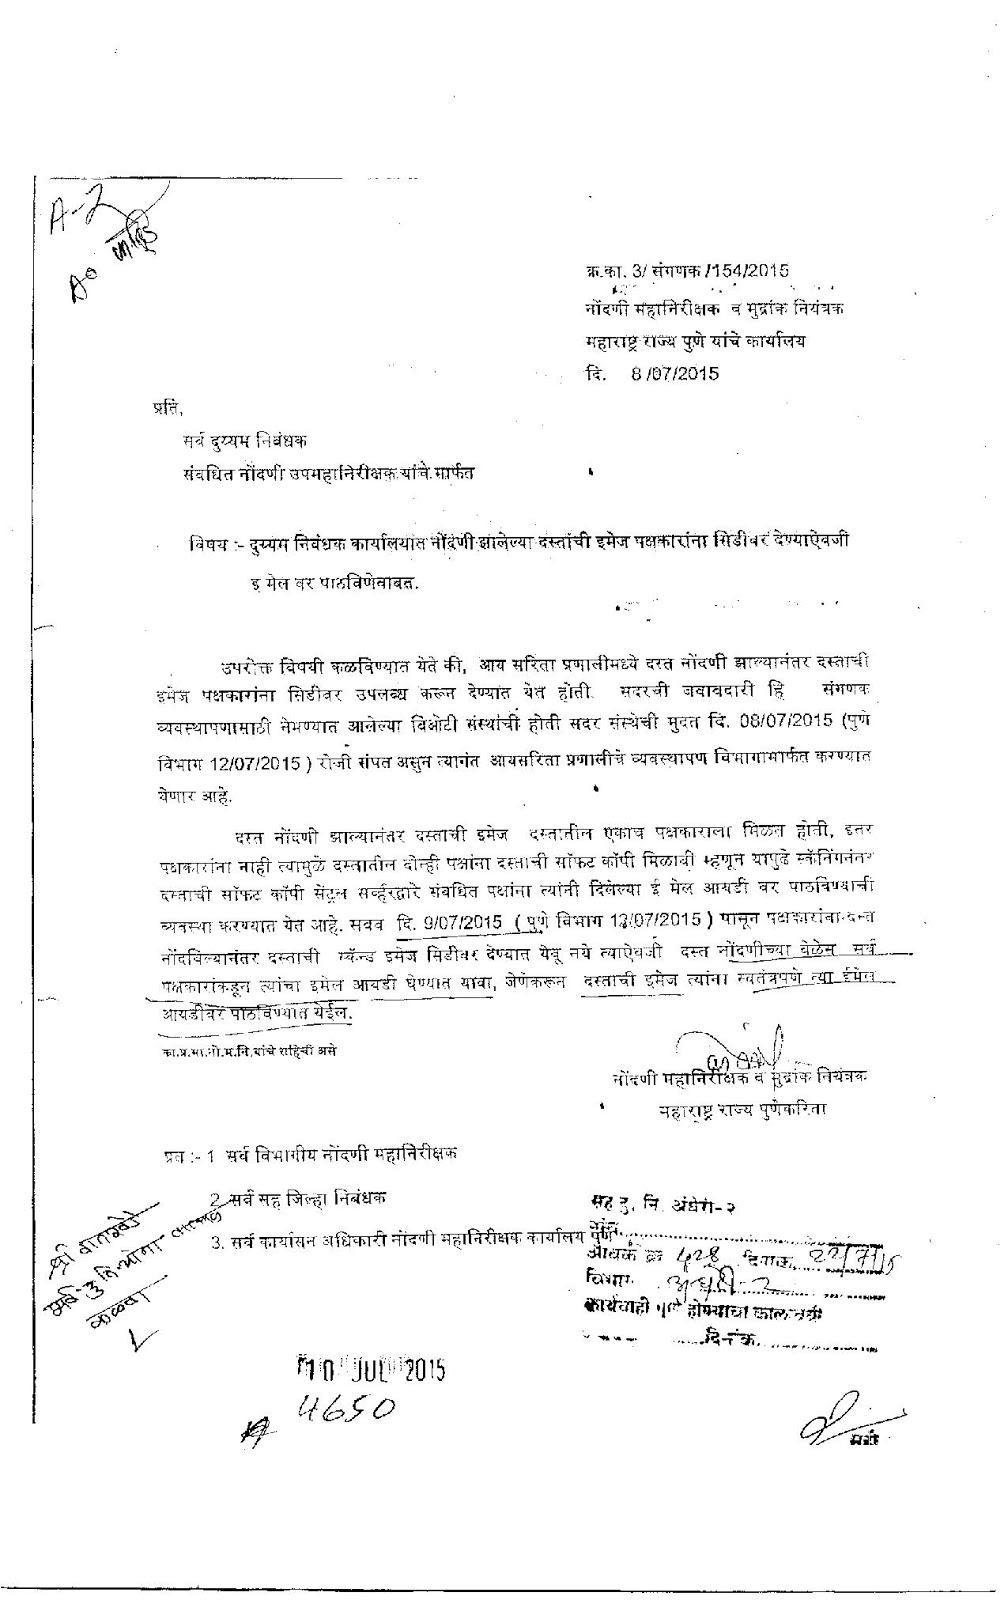 Housing Society Maharashtra Circular By Stamp